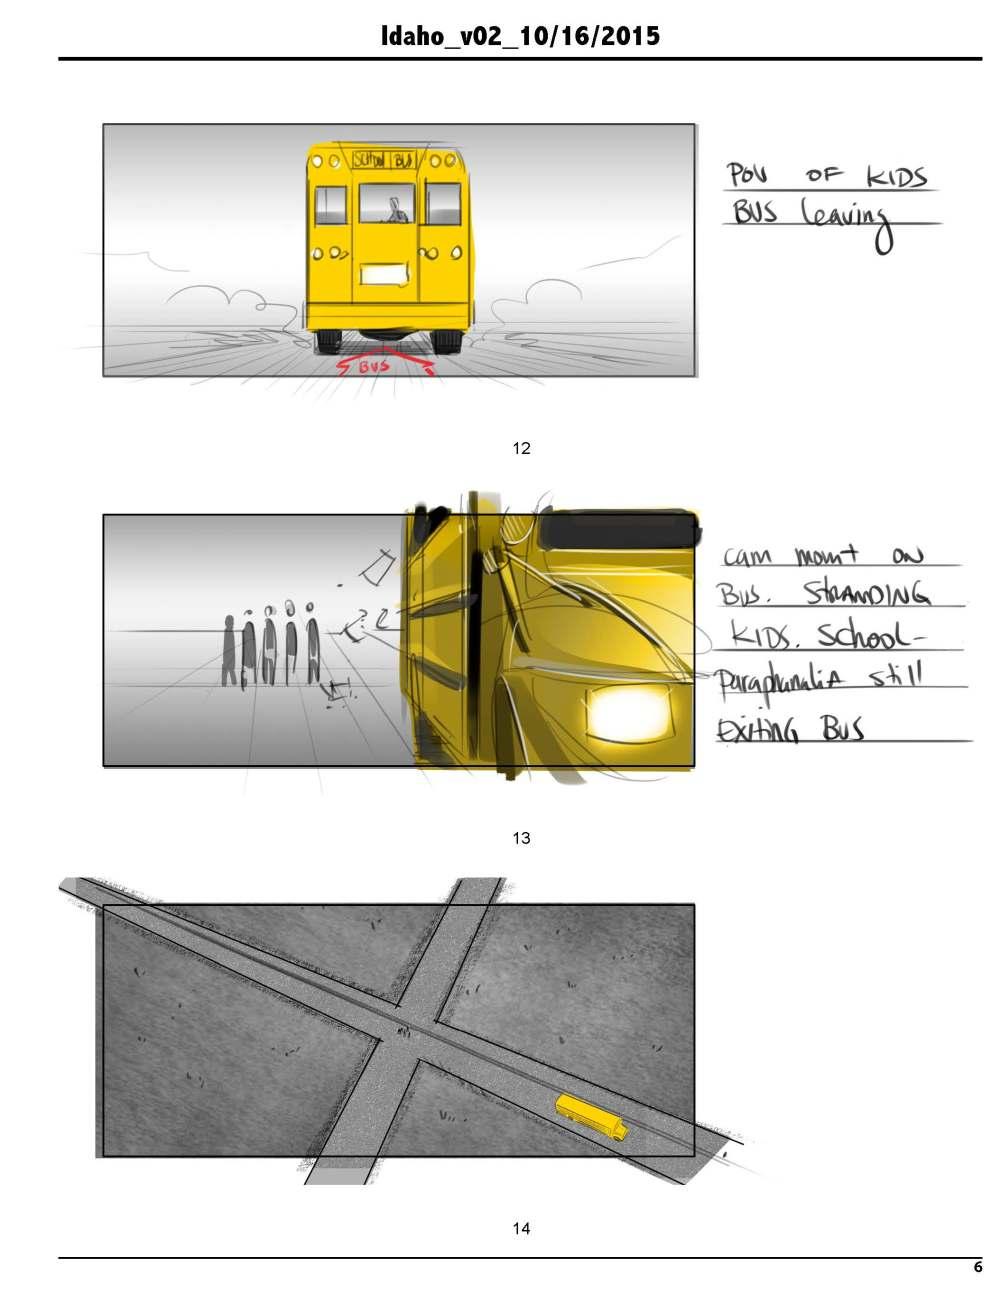 idaho_v02_page_6